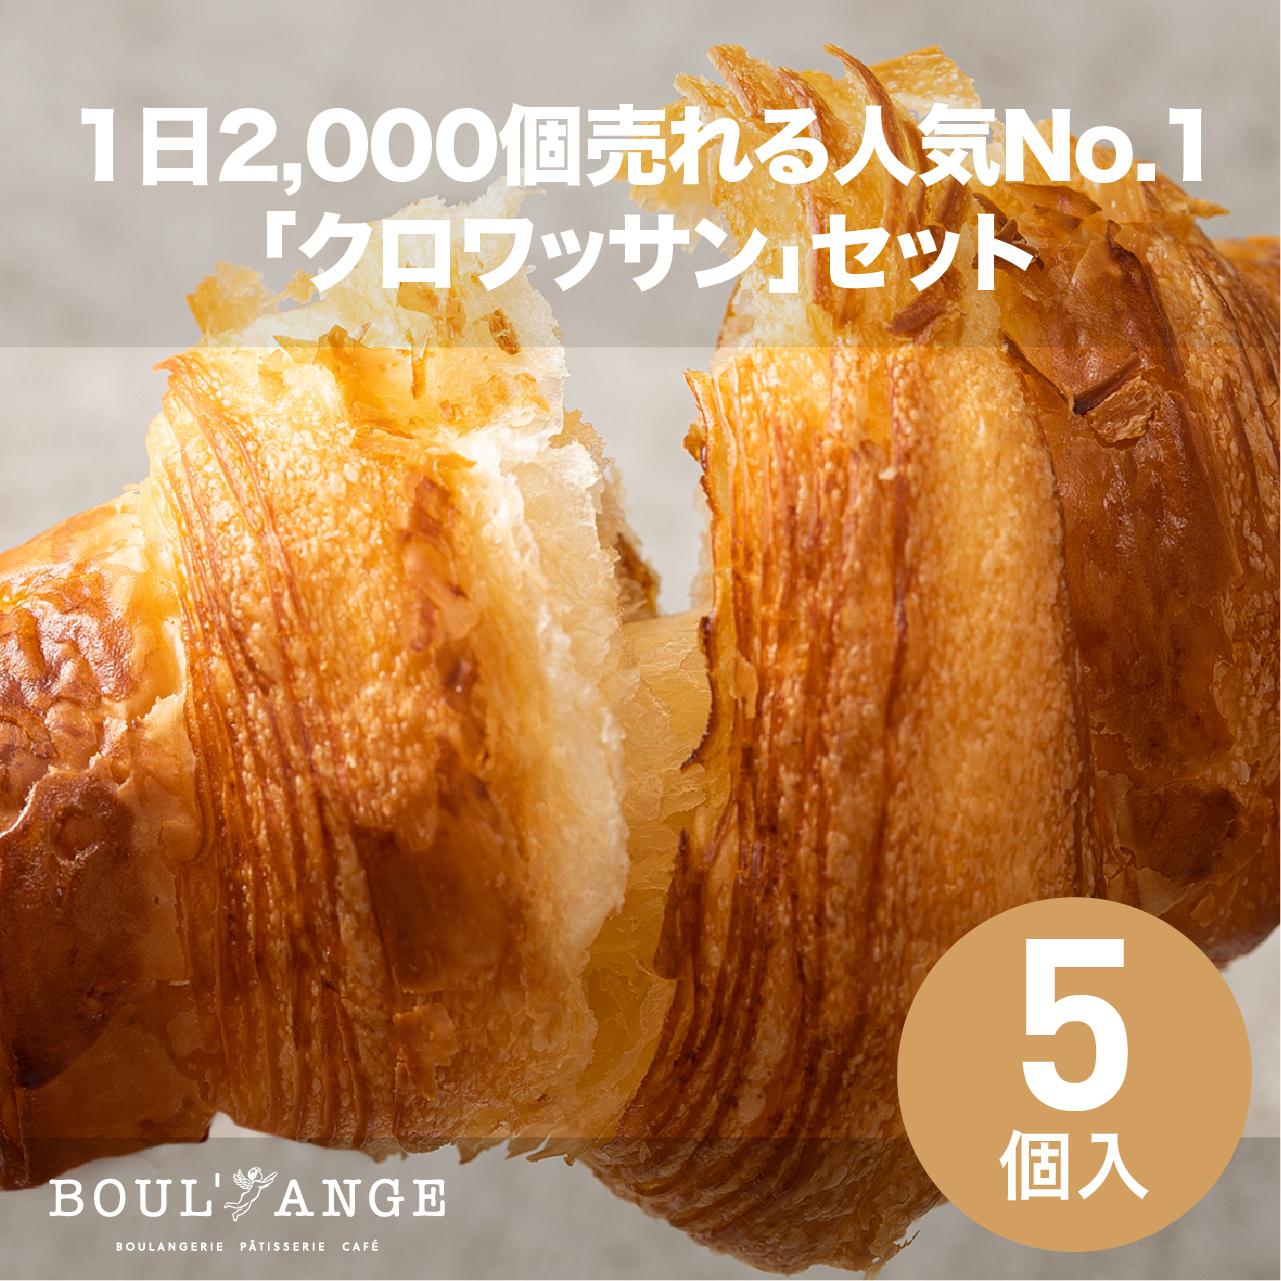 【BOUL'ANGE】<1ヶ月に6万個売れる人気No.1商品>クロワッサン5個セット(プレーン)